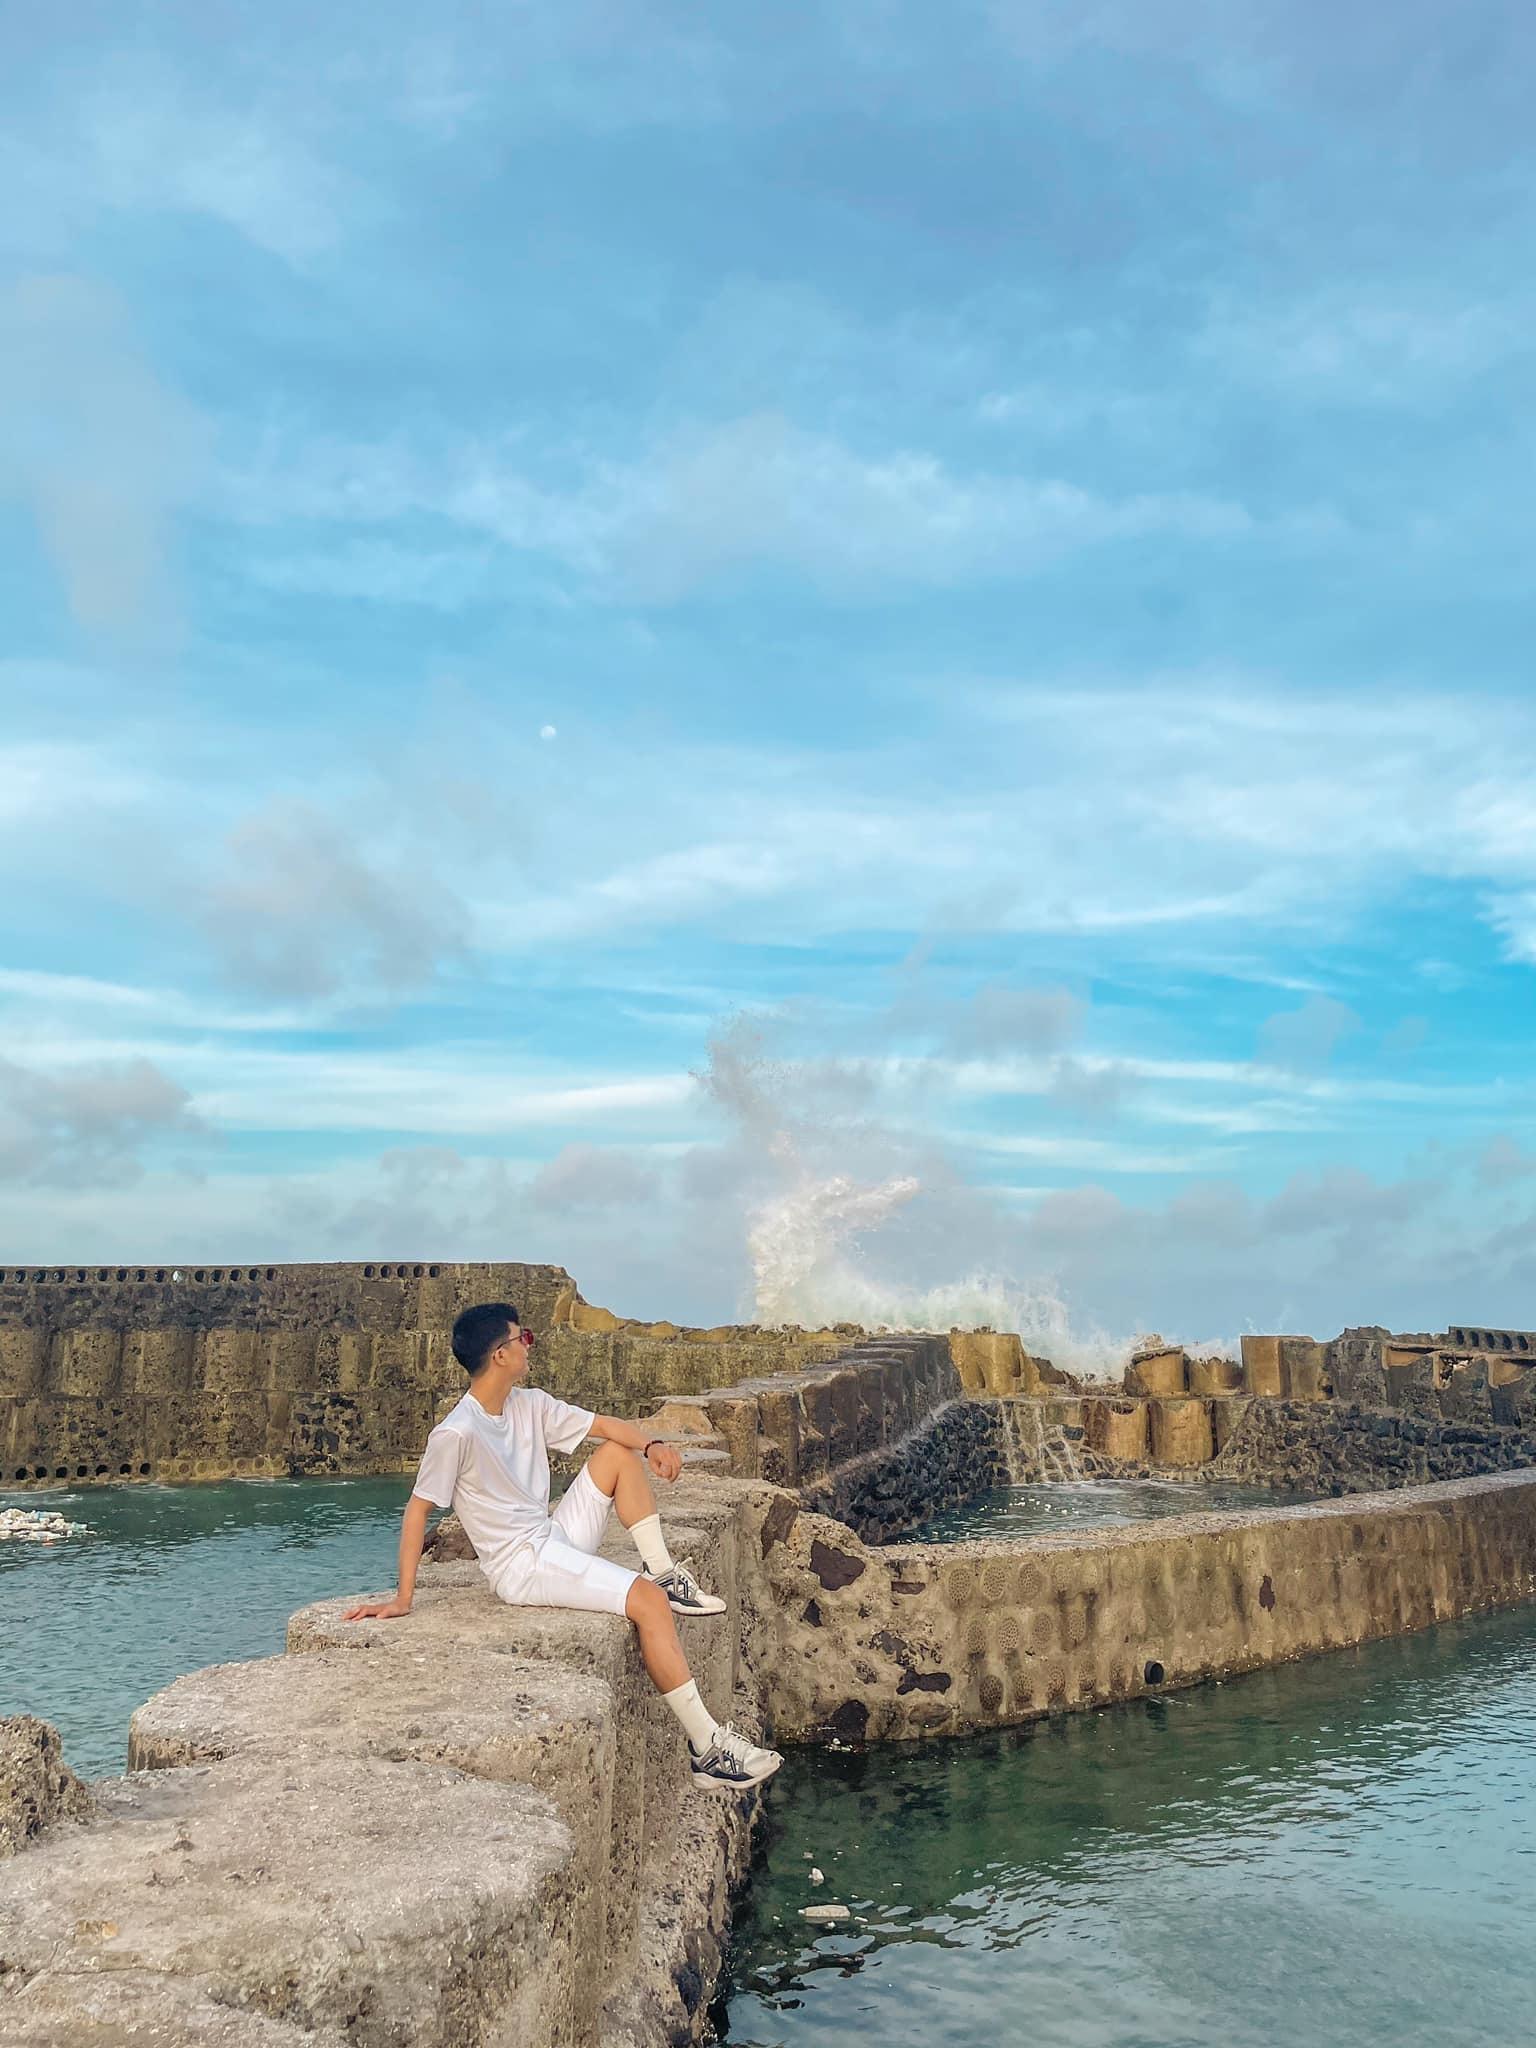 Chàng trai du lịch đảo Phú Quý với chi phí 'siêu rẻ', địa điểm check-in đẹp như thiên đường